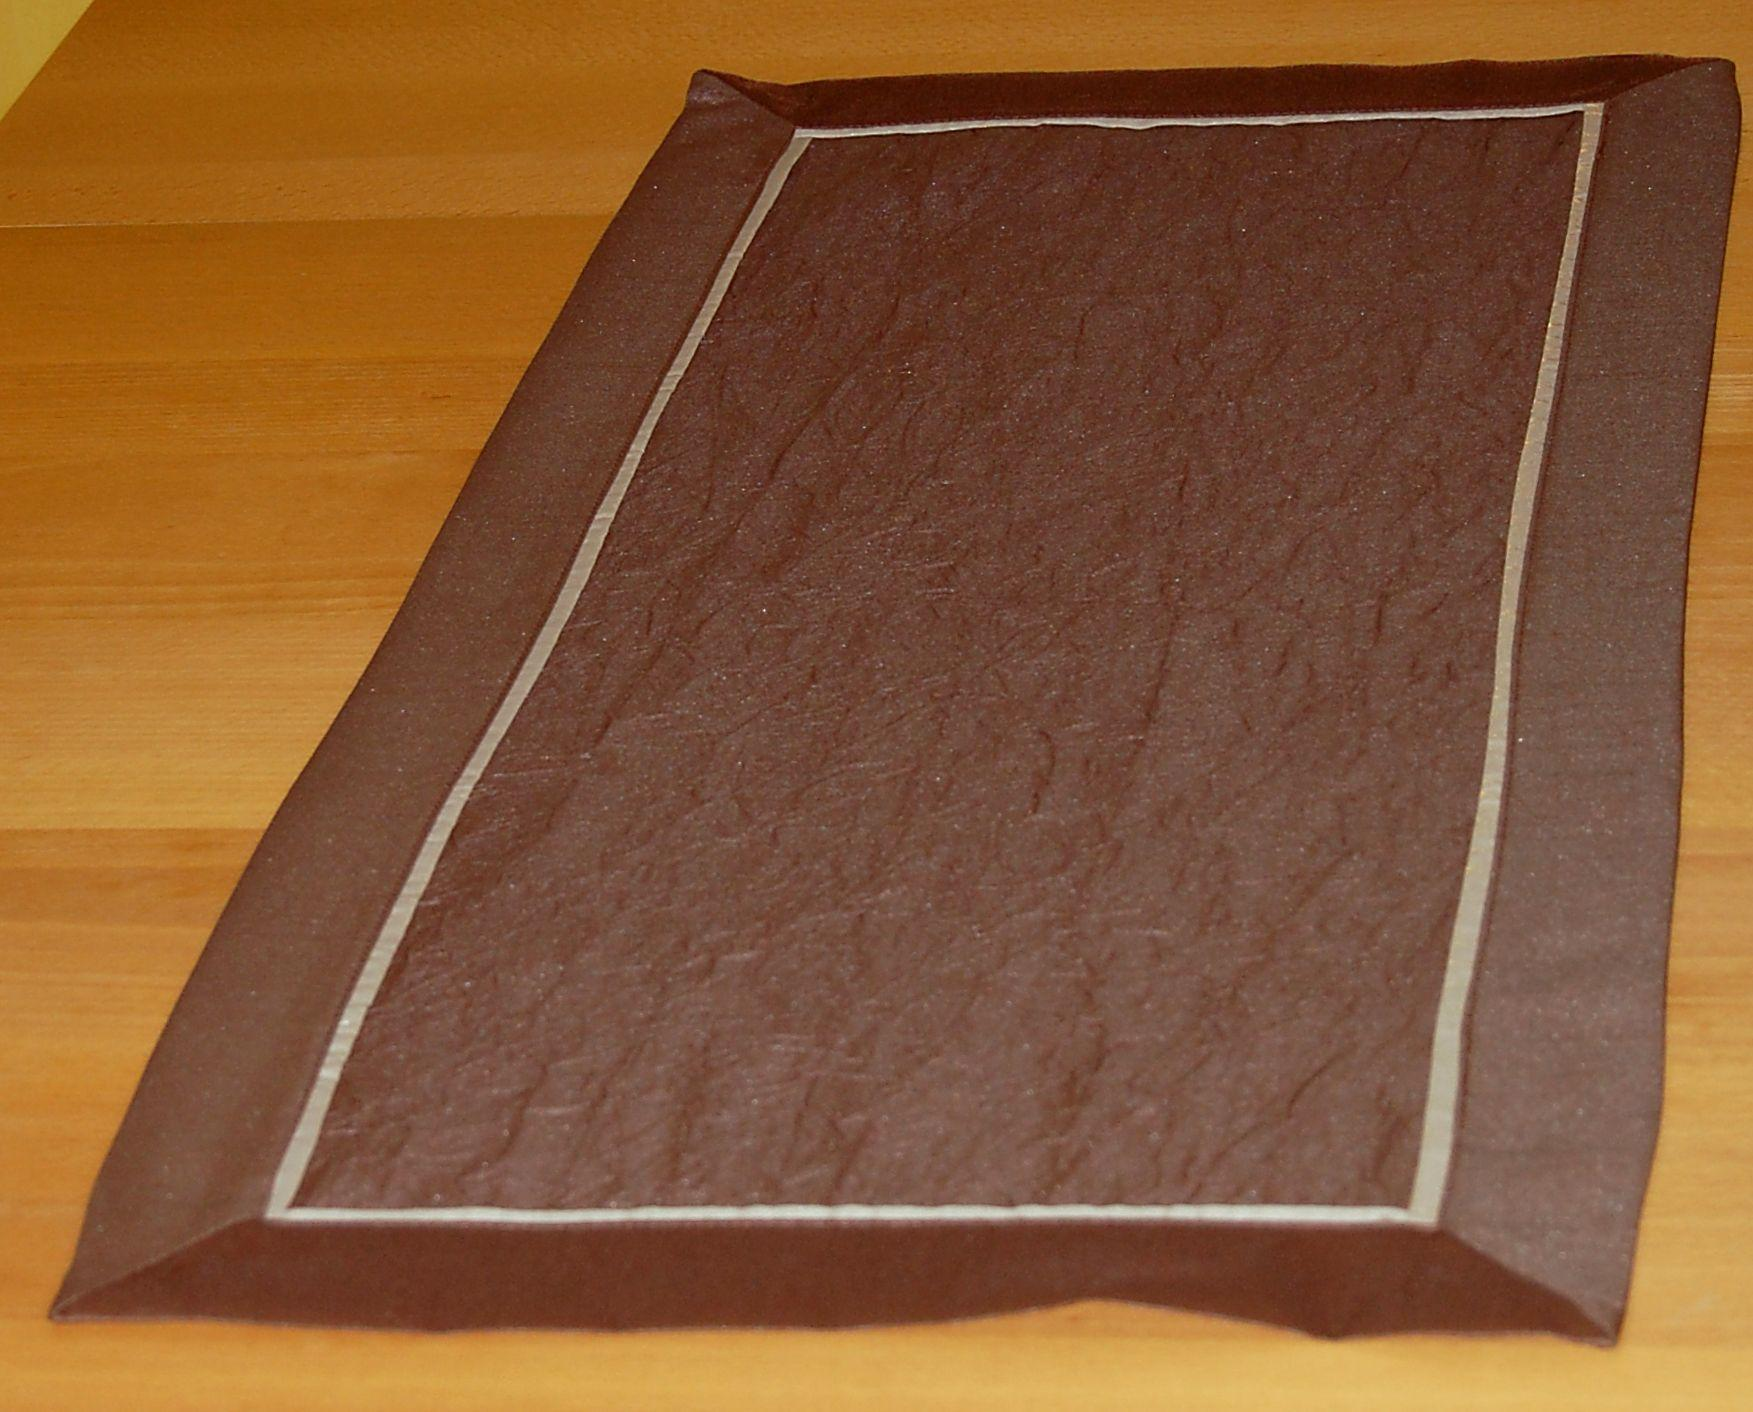 tischdecke braun zierband beige mitteldecke tischl ufer kissenh lle tischtuch ebay. Black Bedroom Furniture Sets. Home Design Ideas